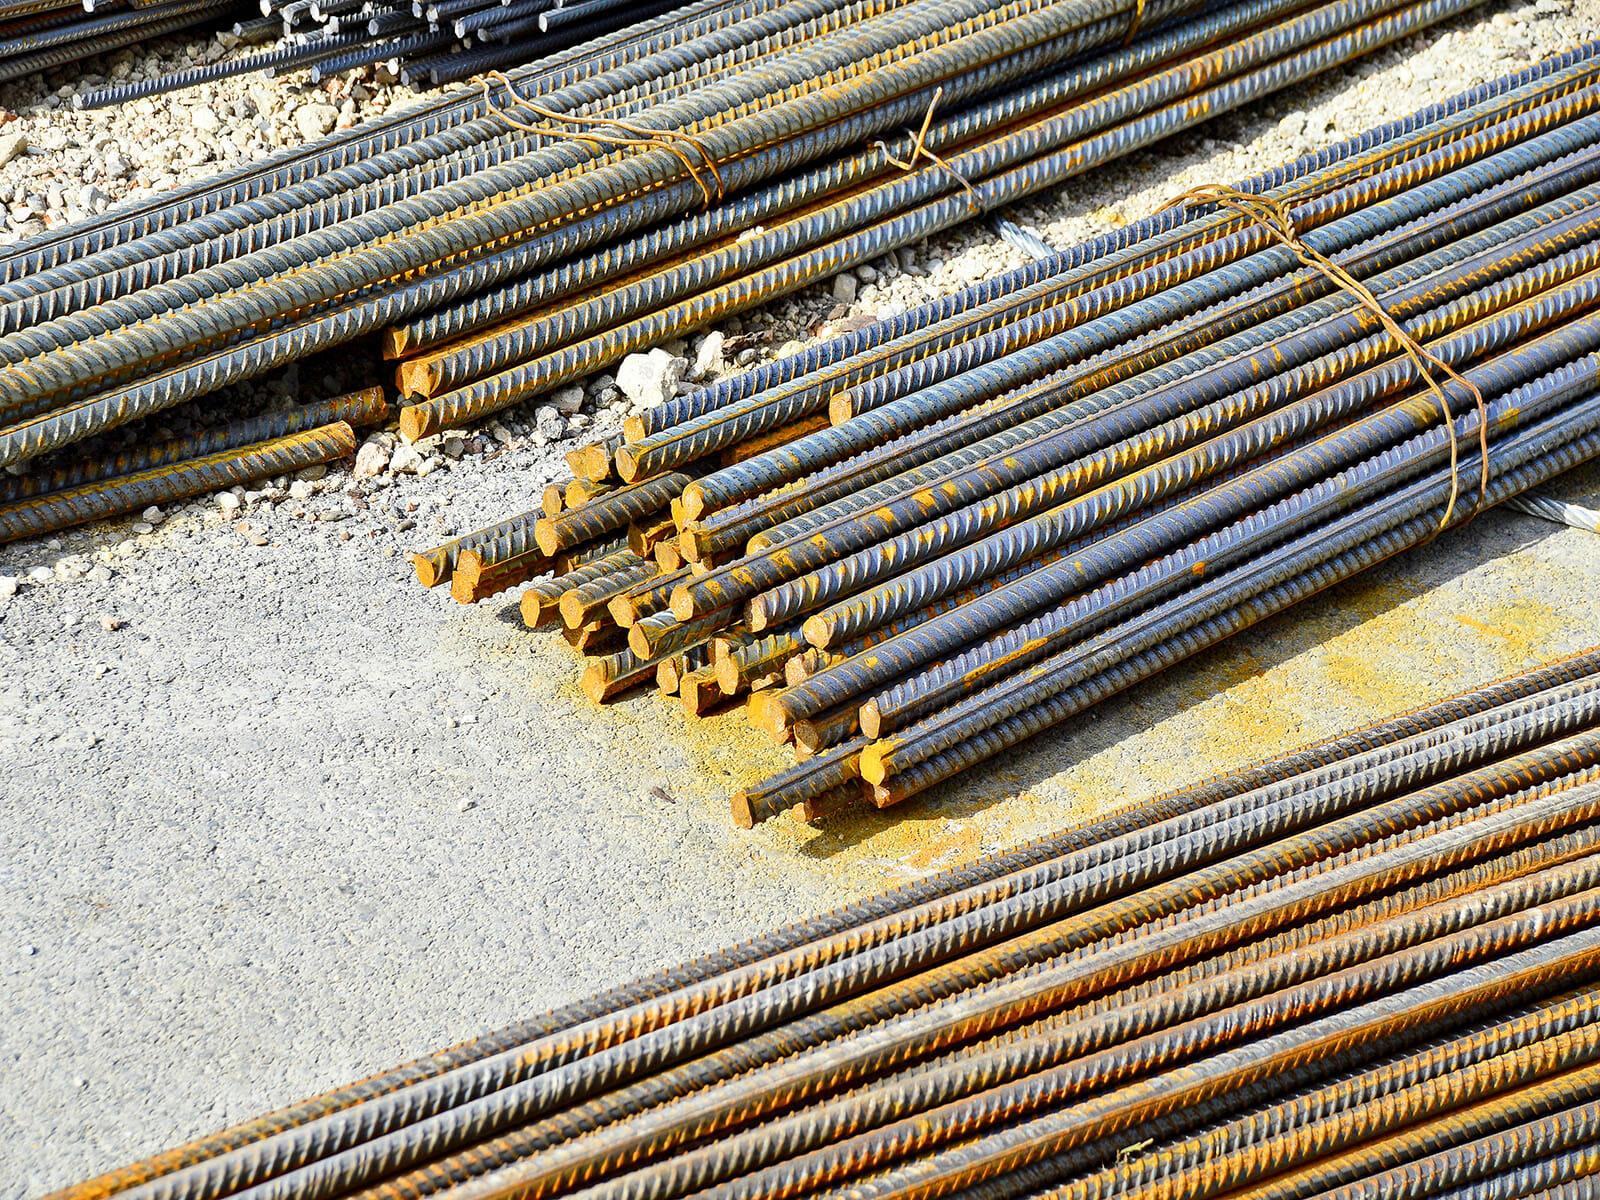 Pile of rebar